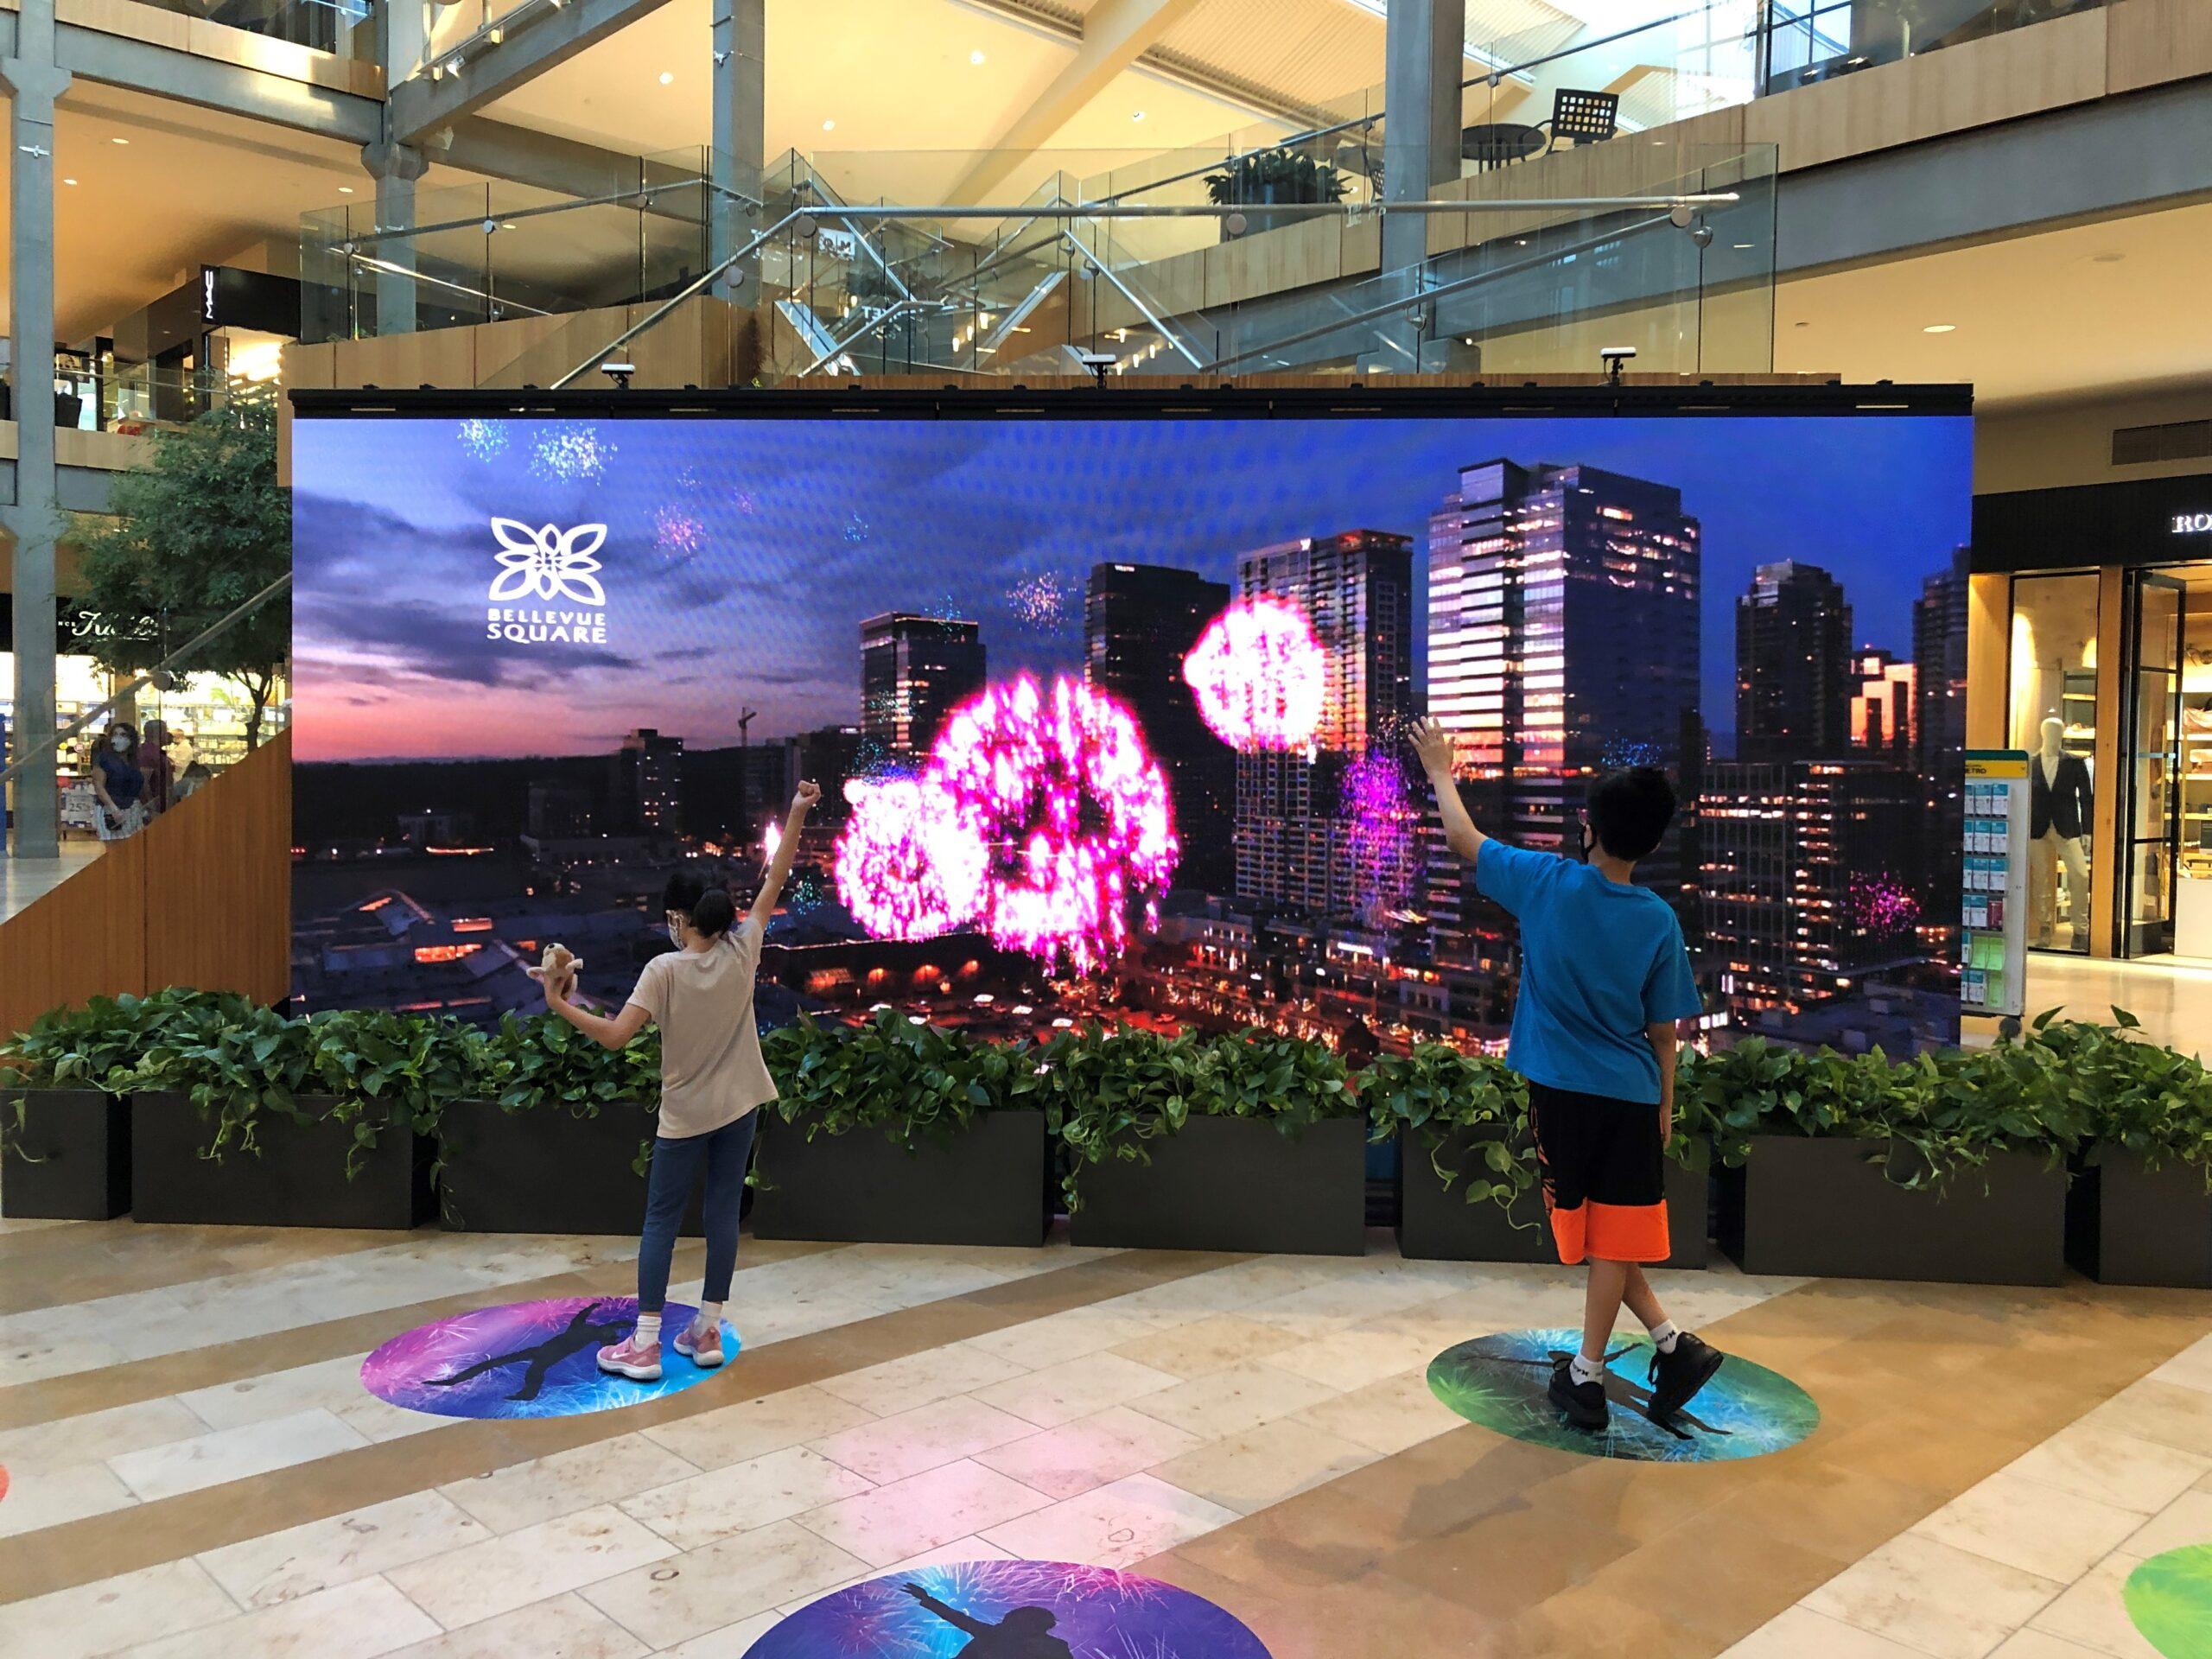 Kids at Interactive wall photo